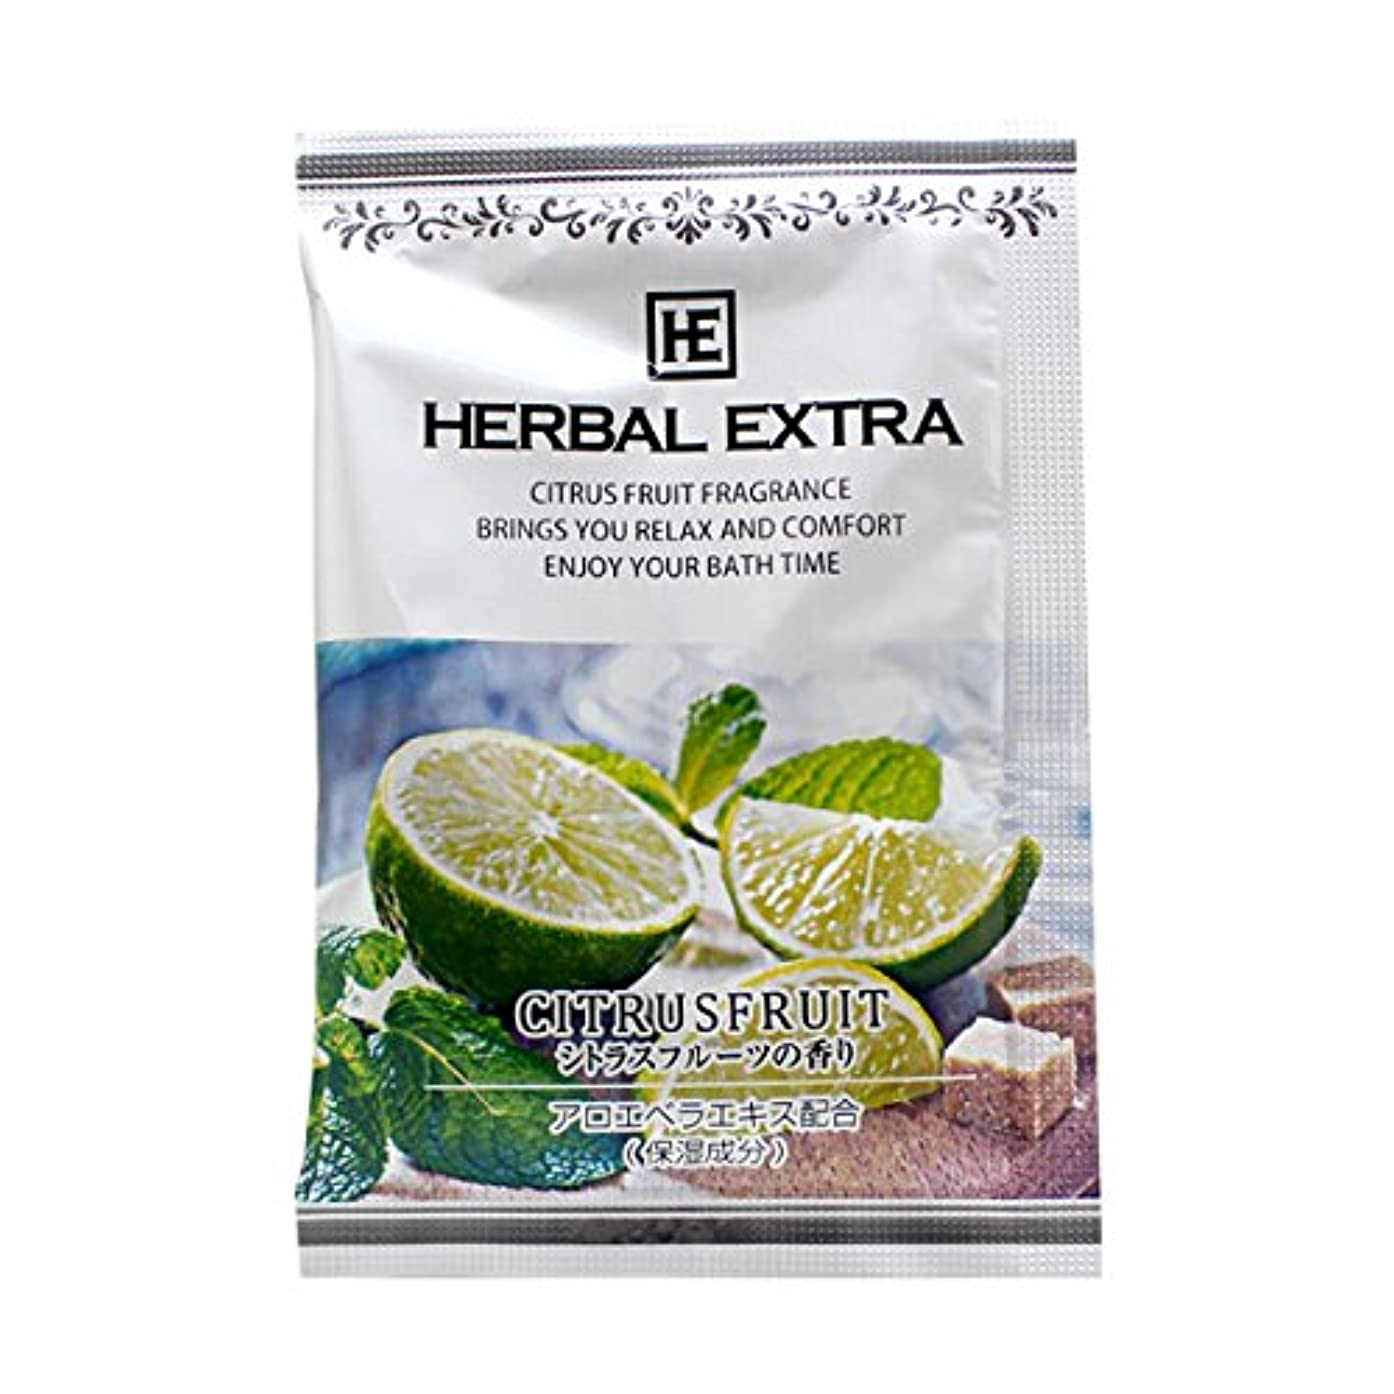 ベッツィトロットウッド見落とす反対する入浴剤 ハーバルエクストラ「シトラスフルーツの香り」30個